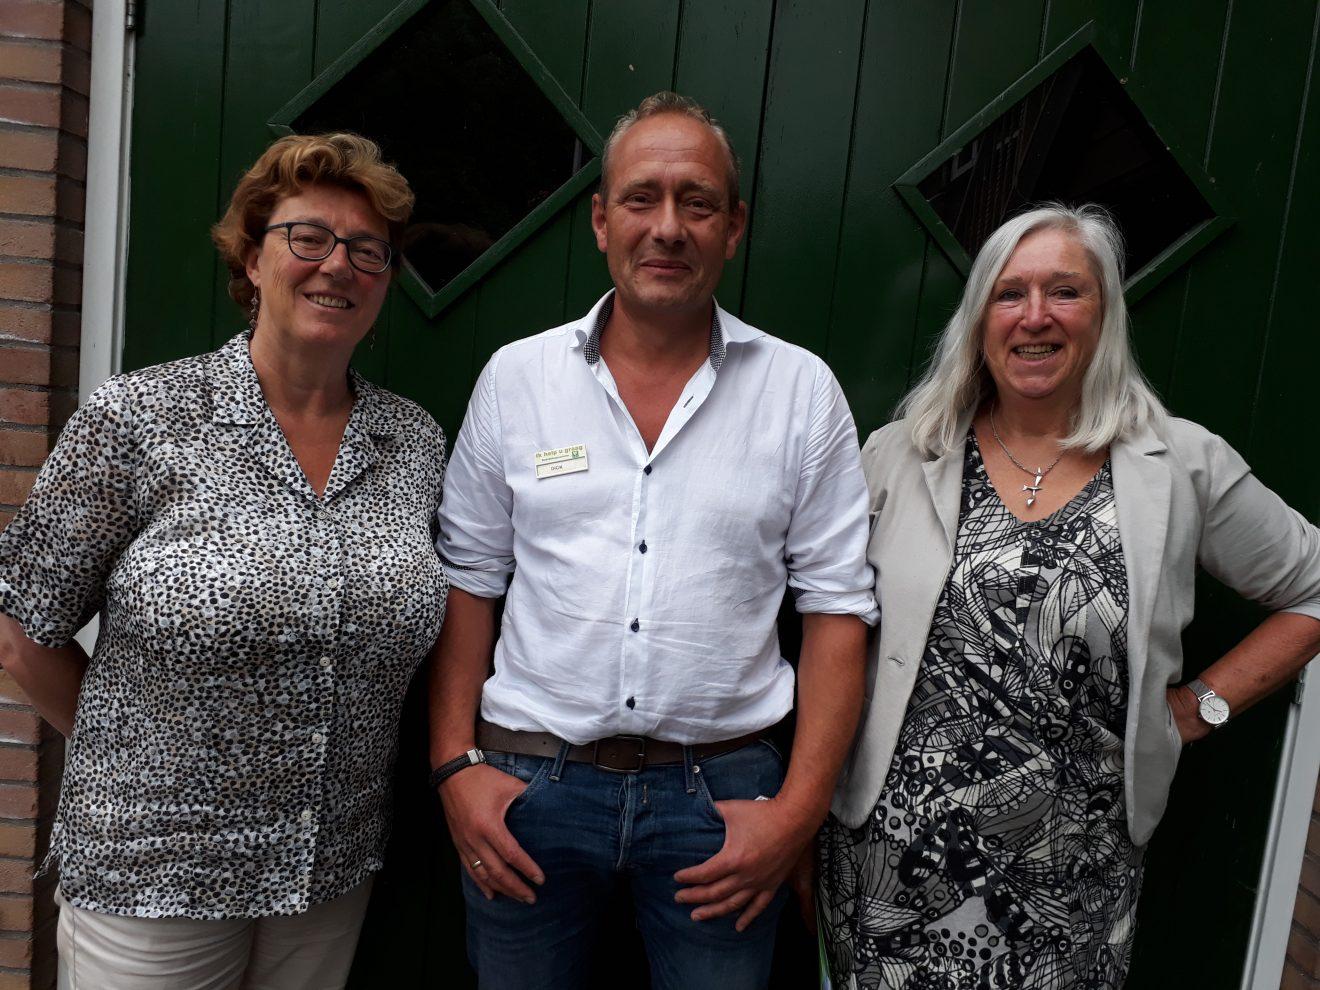 Bestuur stichting Fairtrade Bodegraven-Reeuwijk; Voorzitter – Marlou Min - Secretaris - Lisbeth Hertogh - Penningmeester – Dick Hoogendoorn